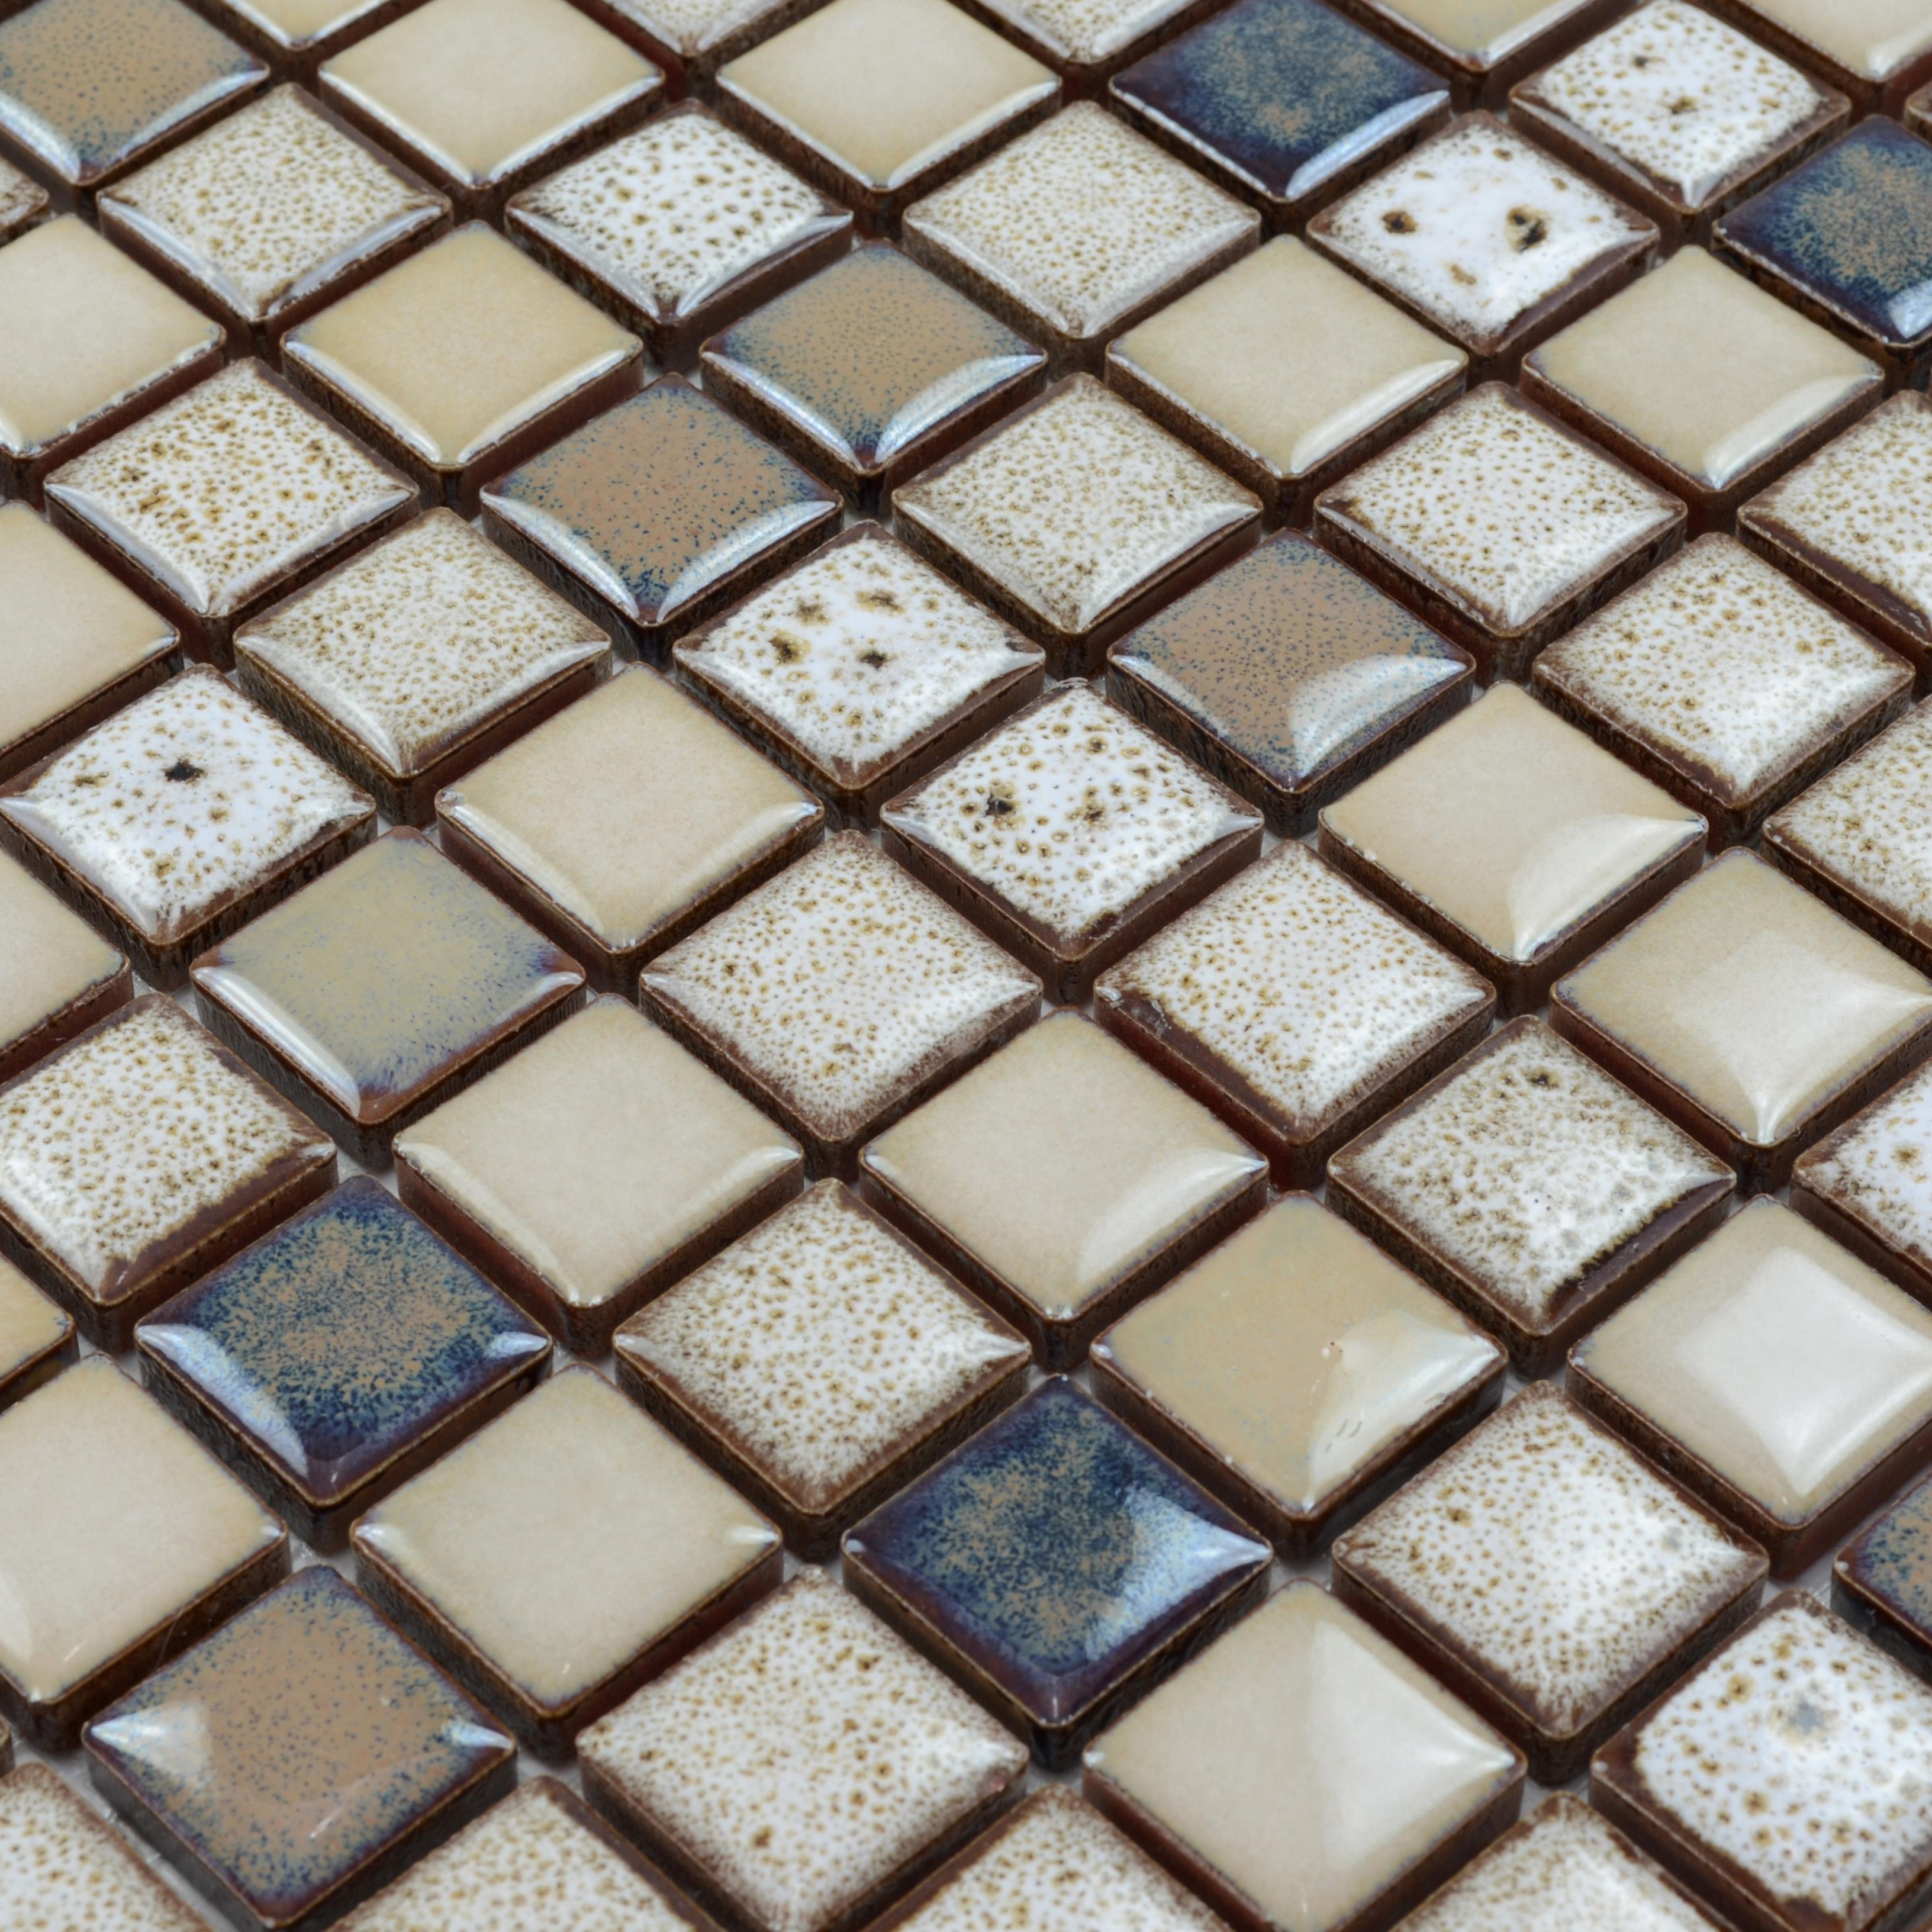 Literature review of ceramic tiles